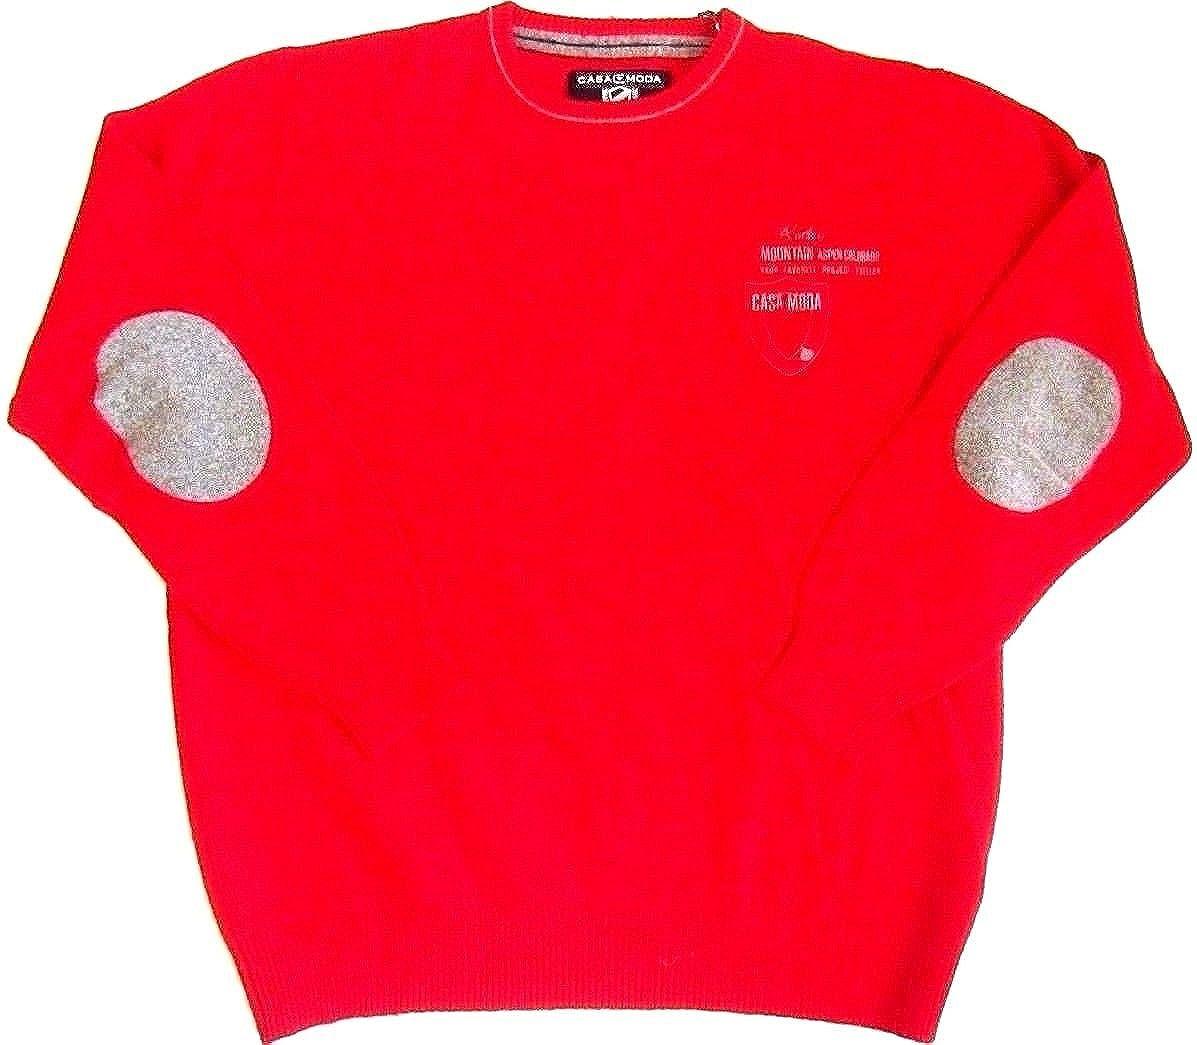 Casa Moda Suéter Sudadera Camisa Jersey De Lana de Cordero Rojo Cuello  Redondo L XXXL (XXL 56)  Amazon.es  Ropa y accesorios aab0149b3bea